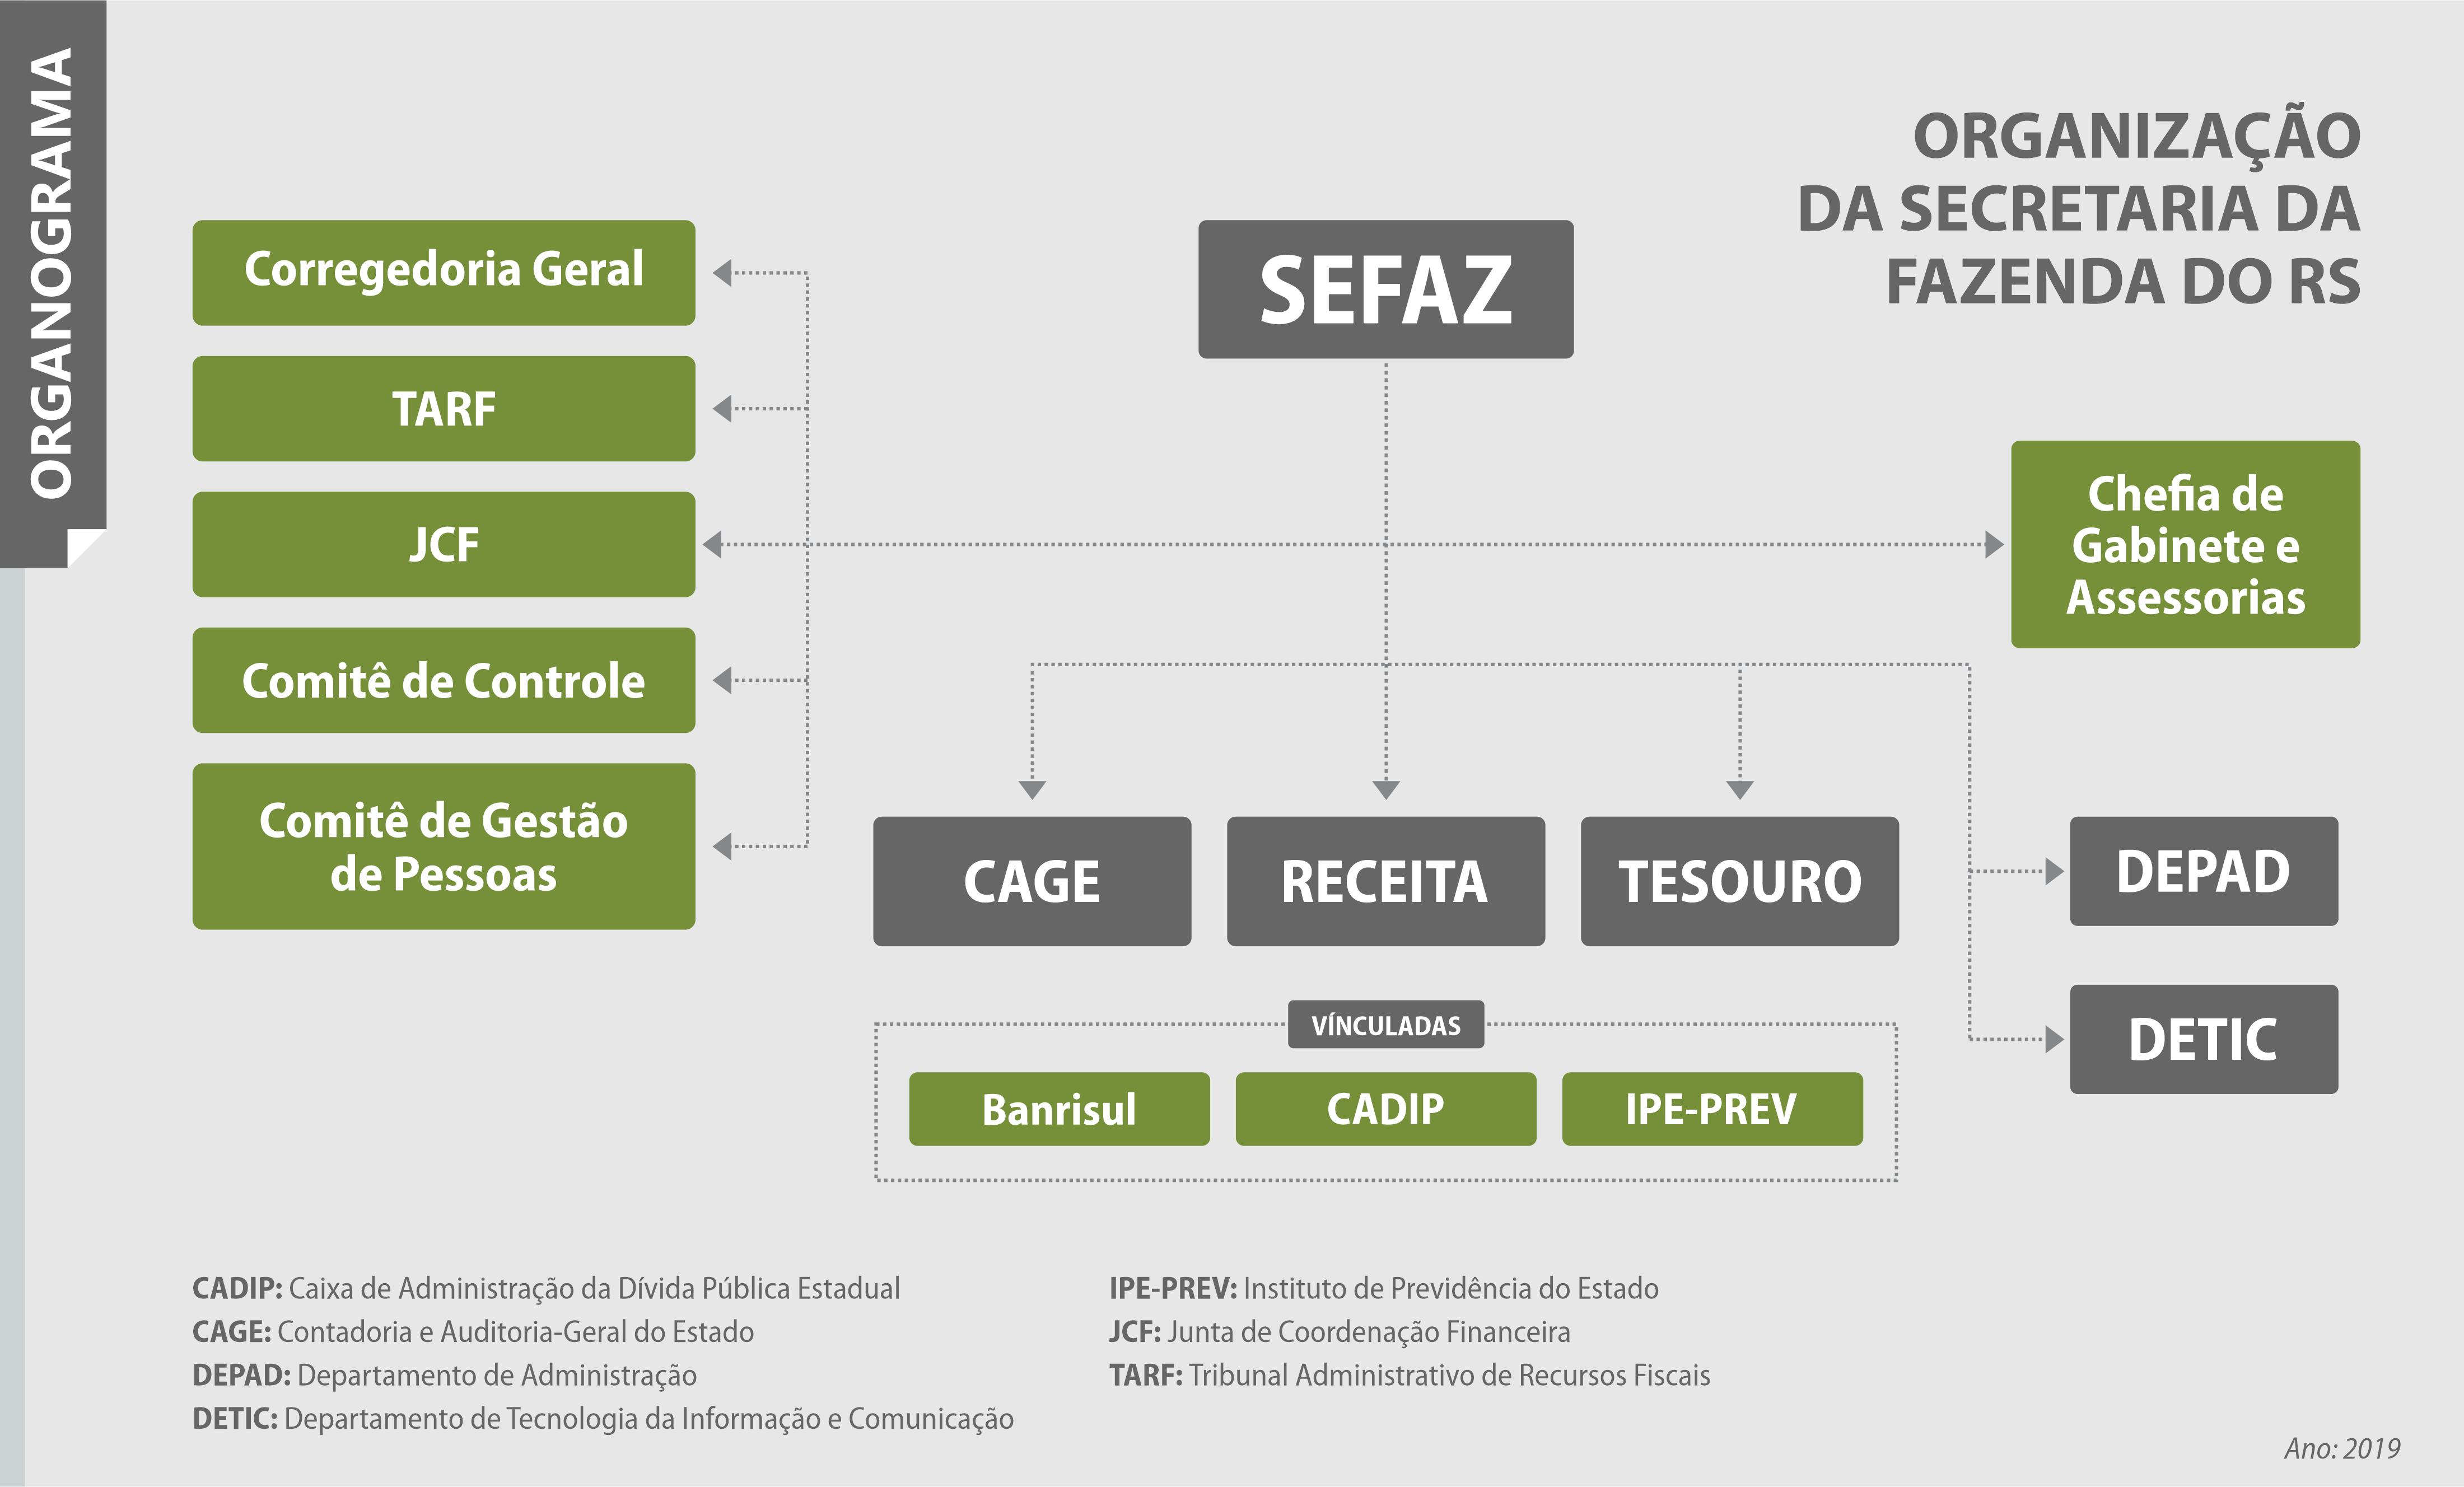 imagem do organograma da Sefaz